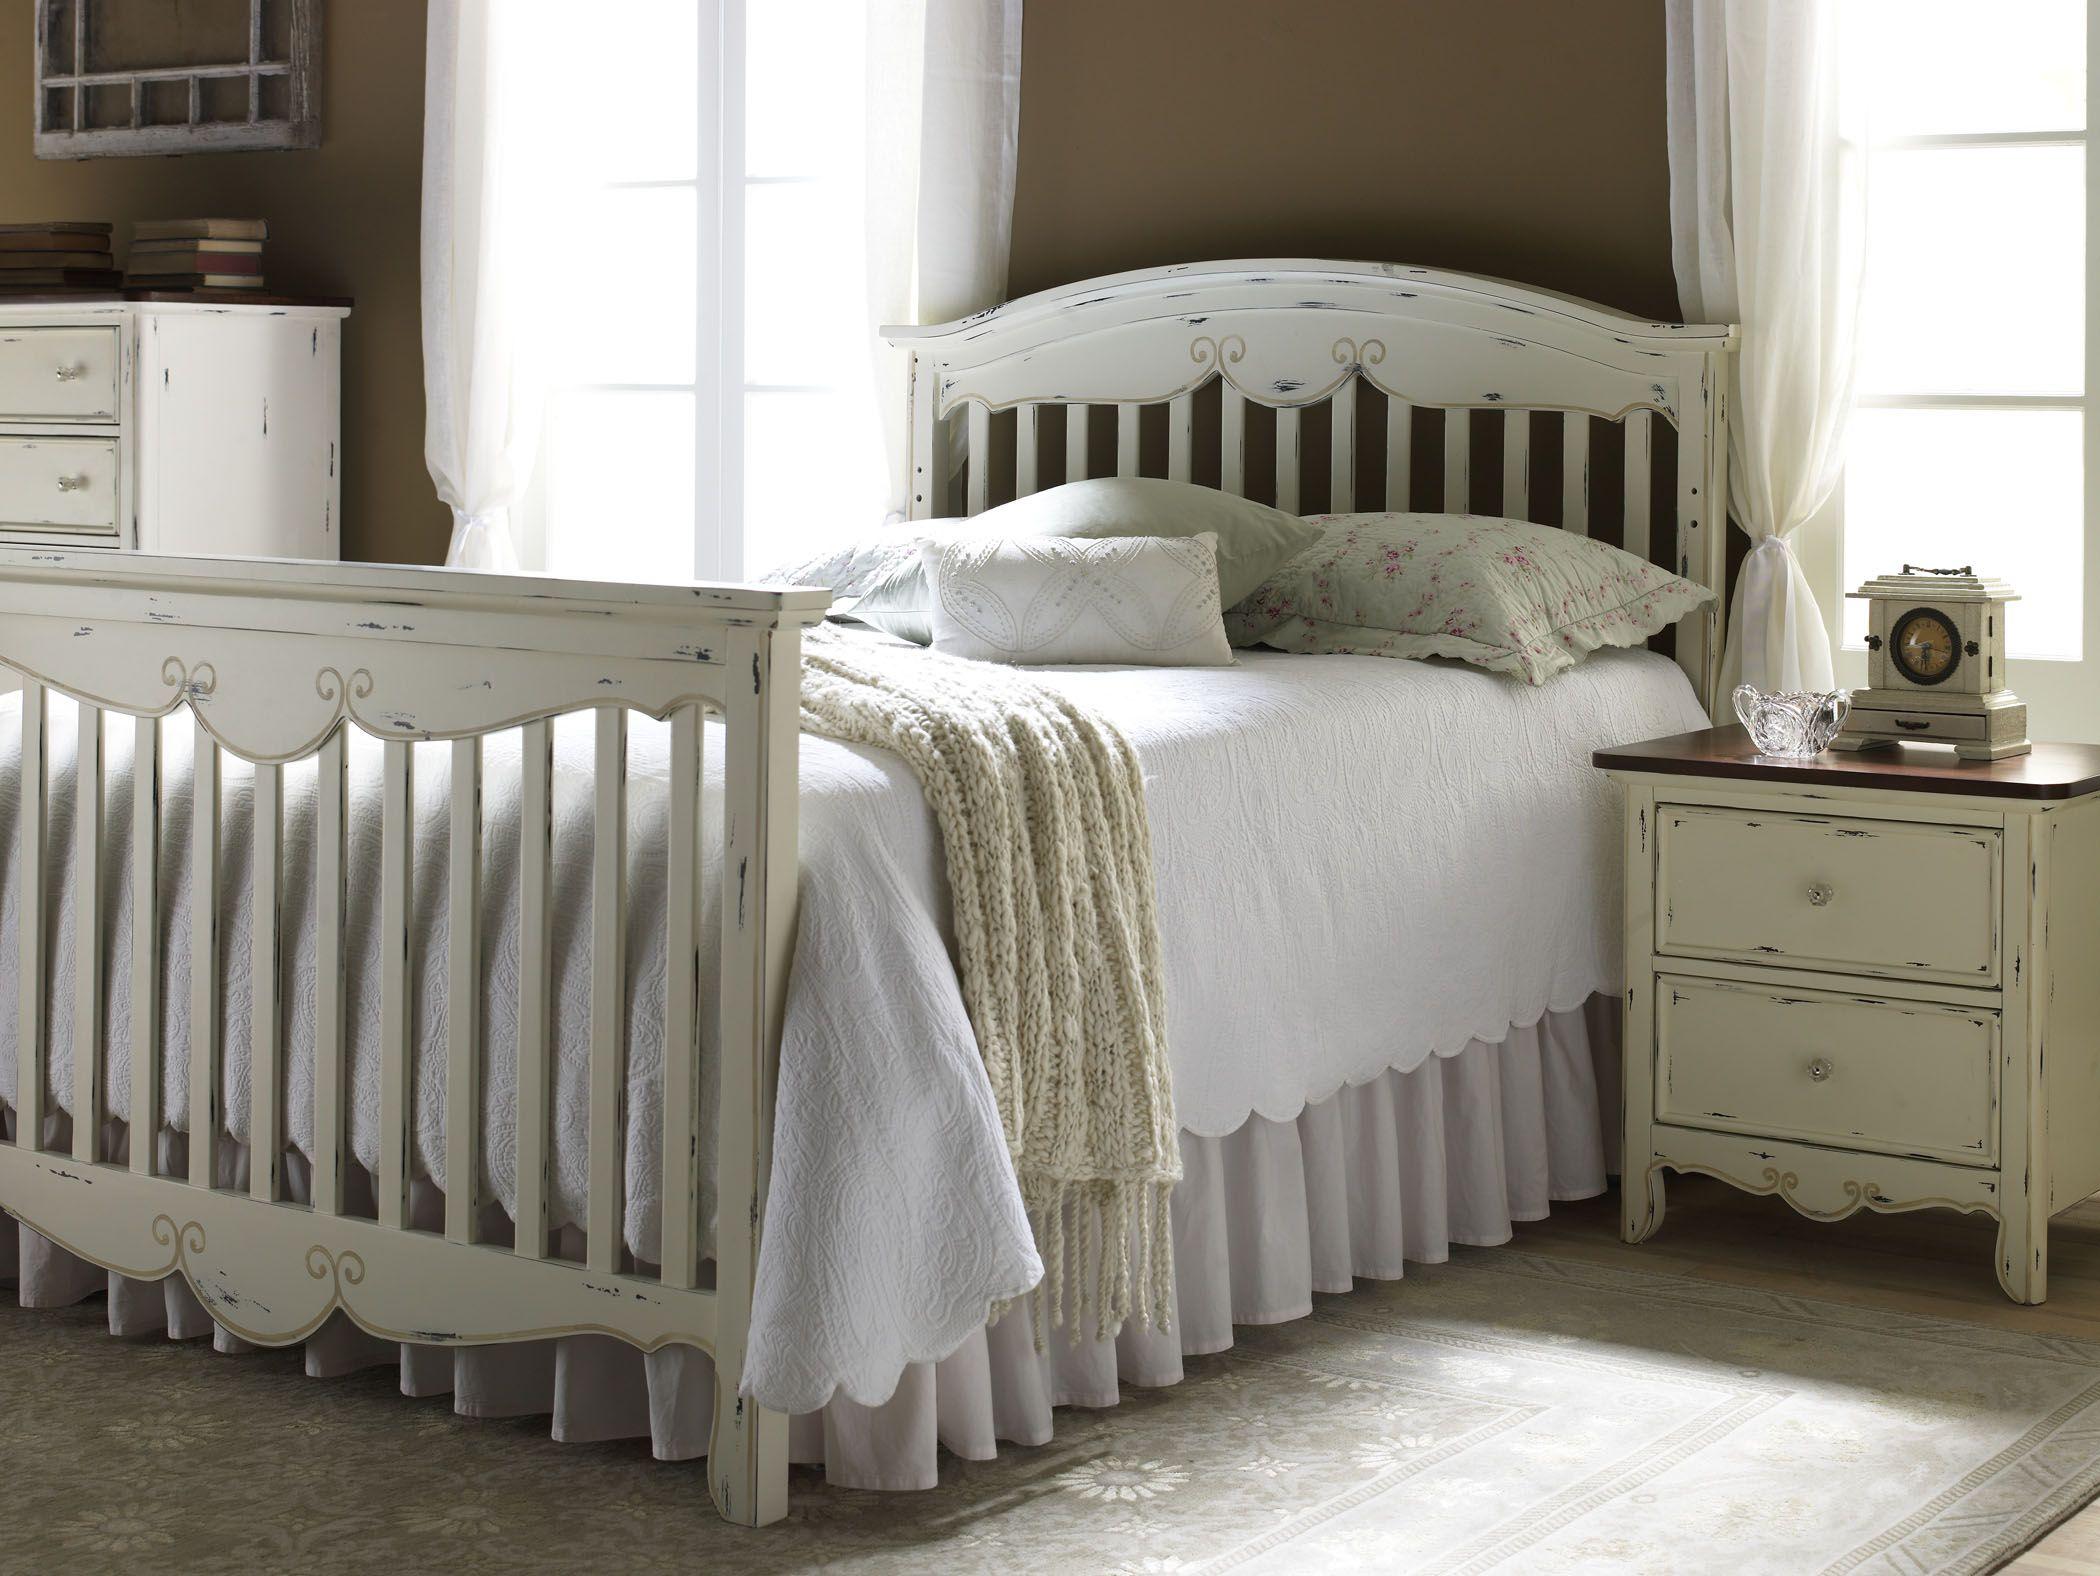 Bonavita Francais Crib To Bed Conversion Kit 170 00 The